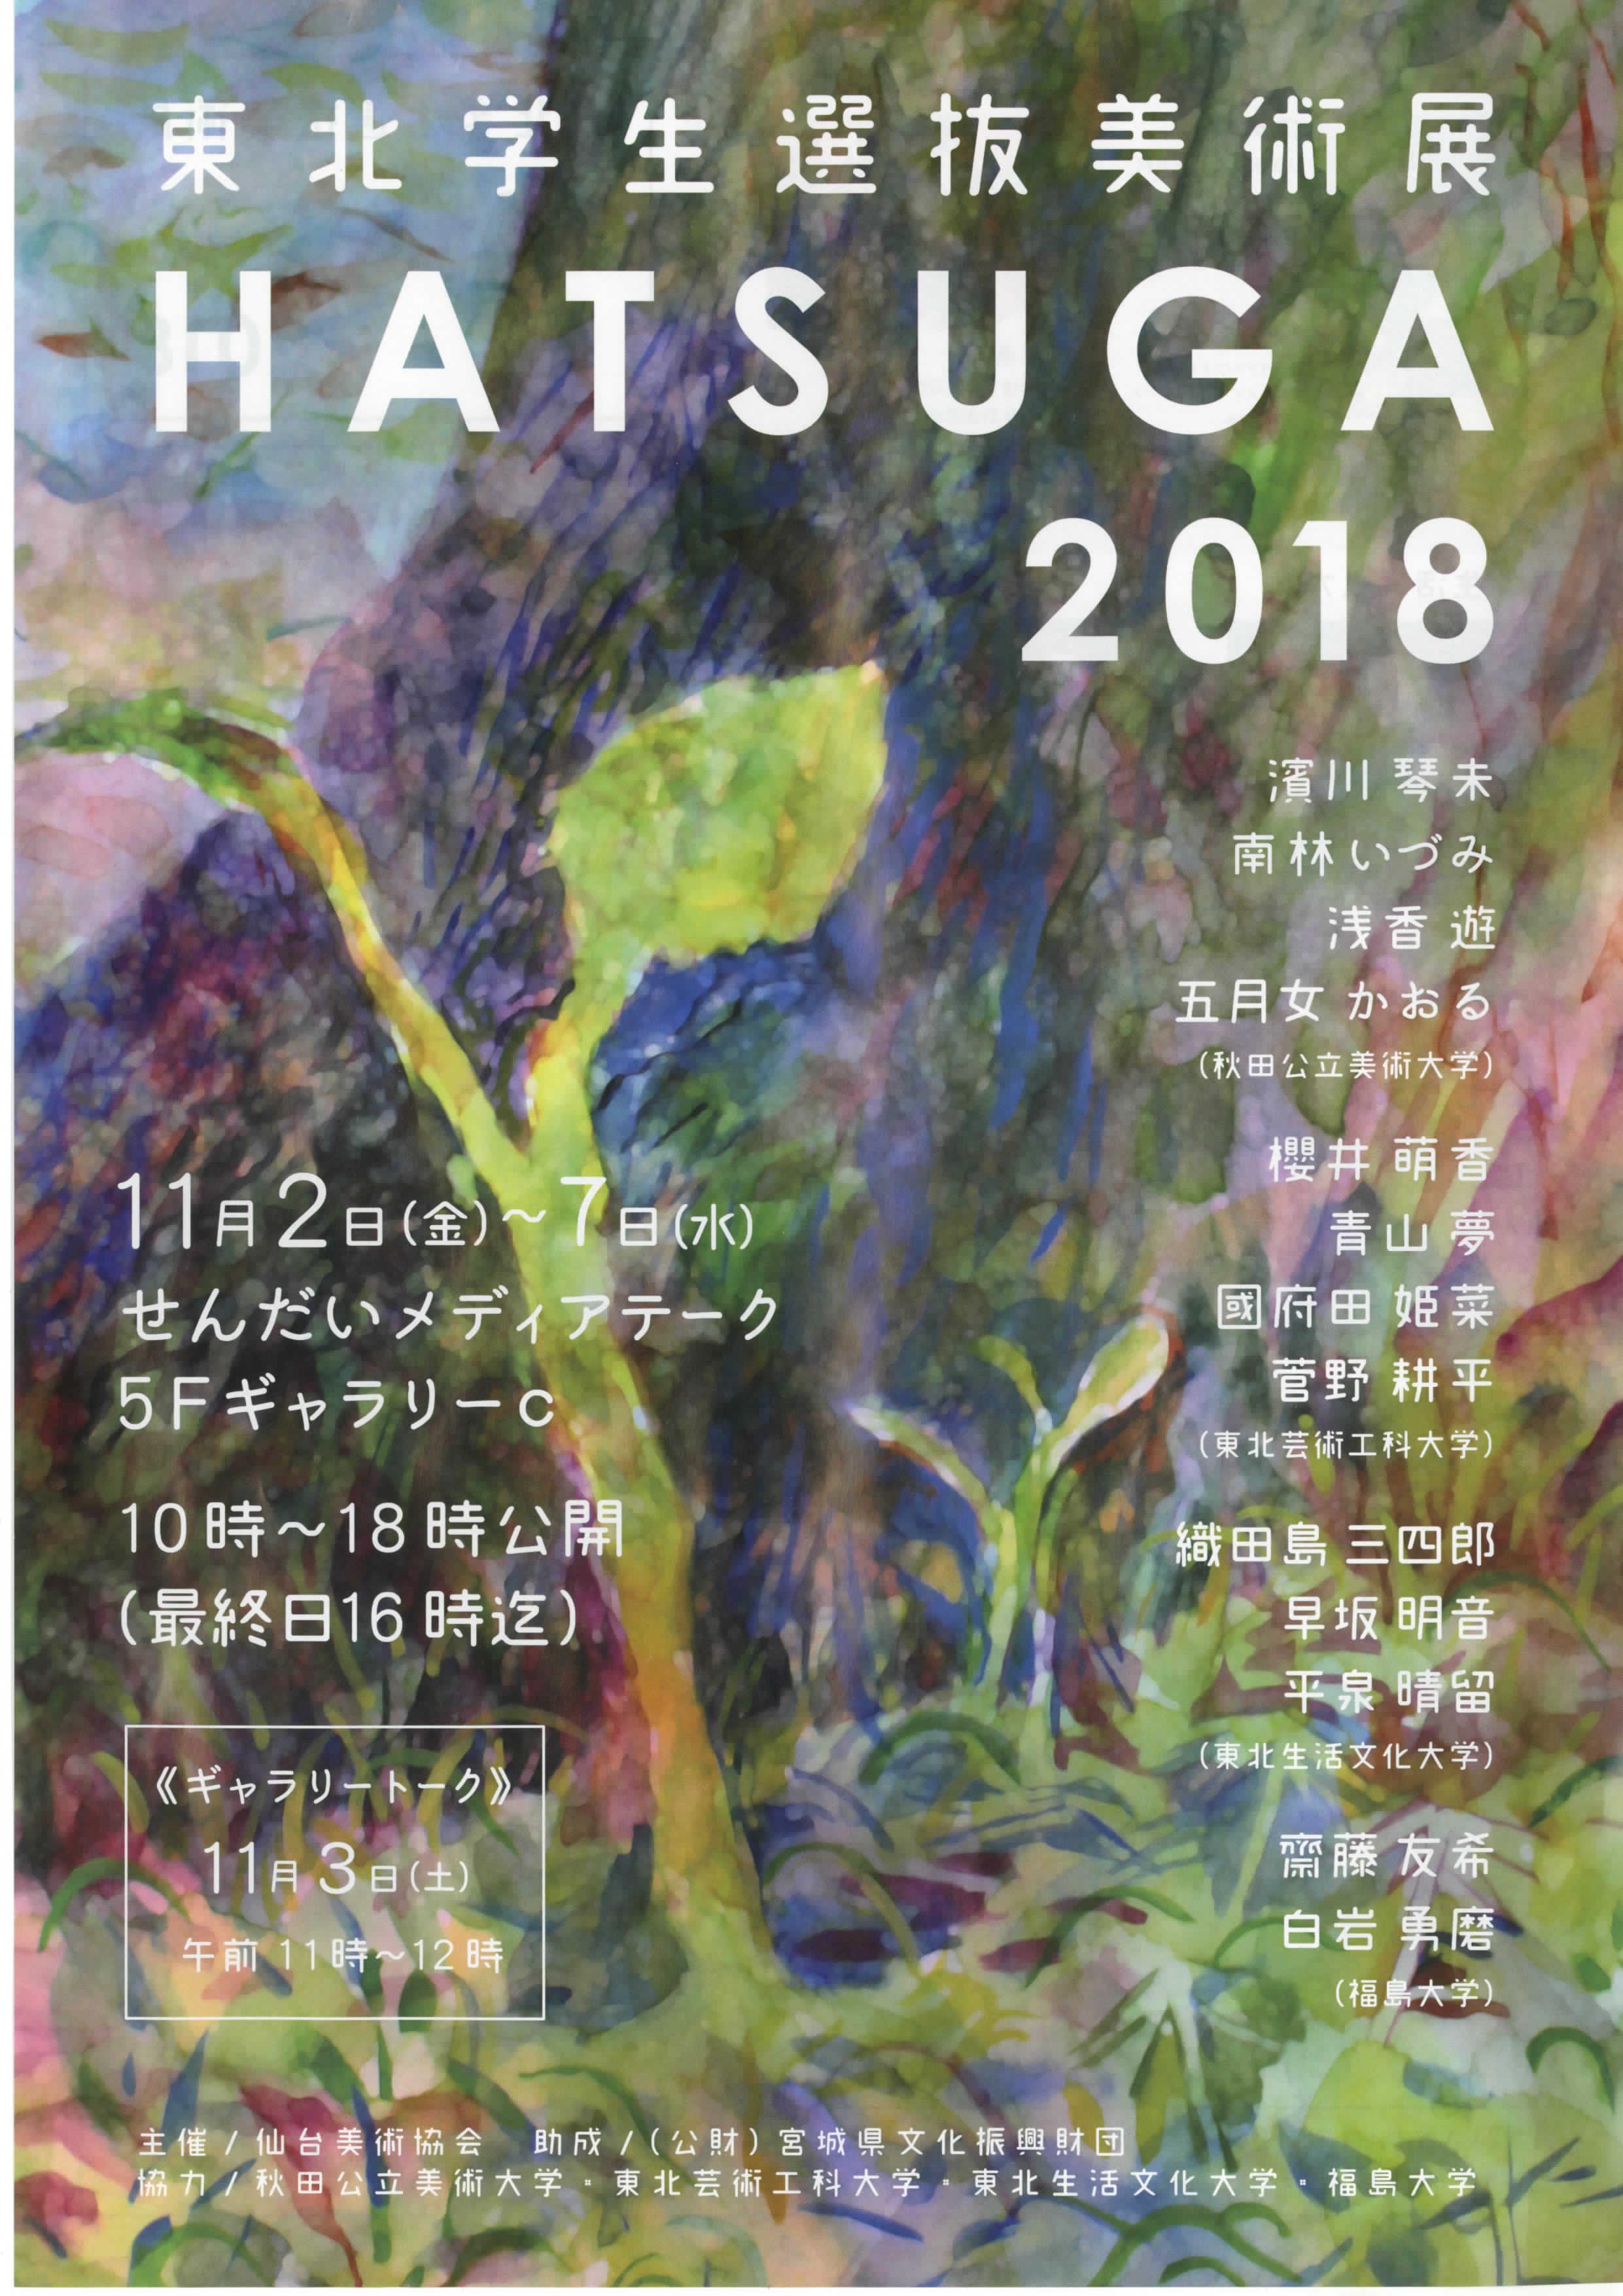 東北学生選抜美術展 HATSUGA 2018